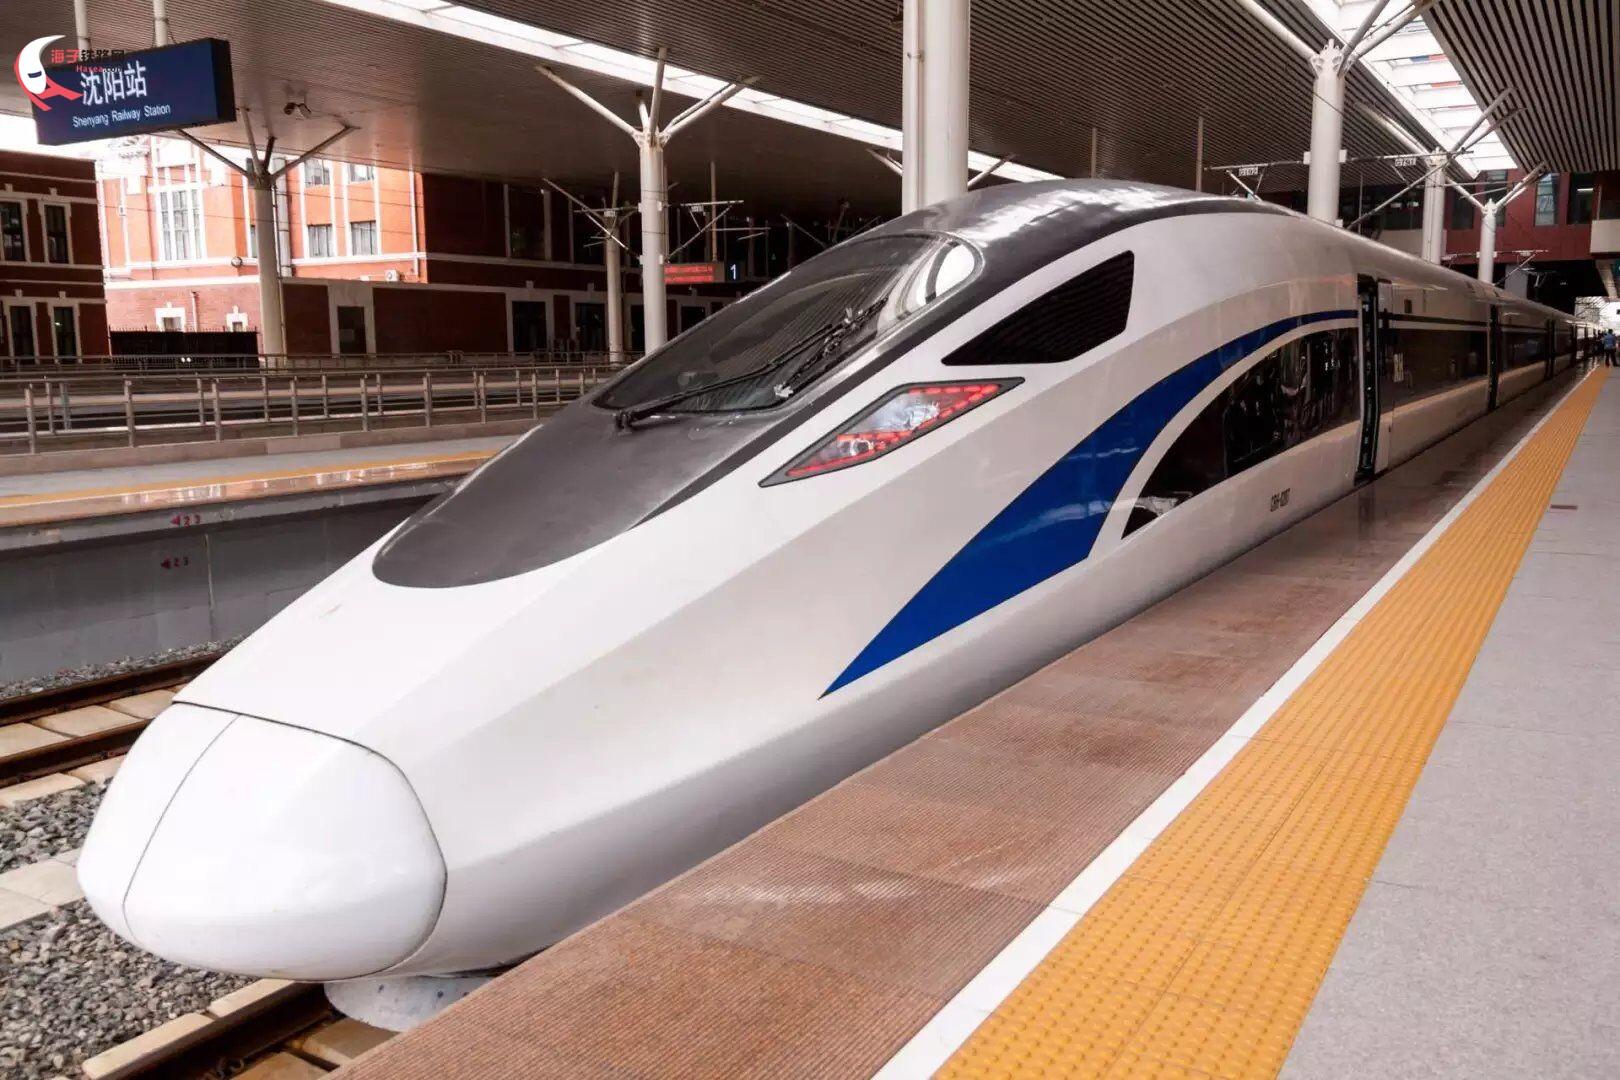 被称为金凤凰,蓝海豚的中国便准动车组联手编组为g8041次列车缓缓驶出